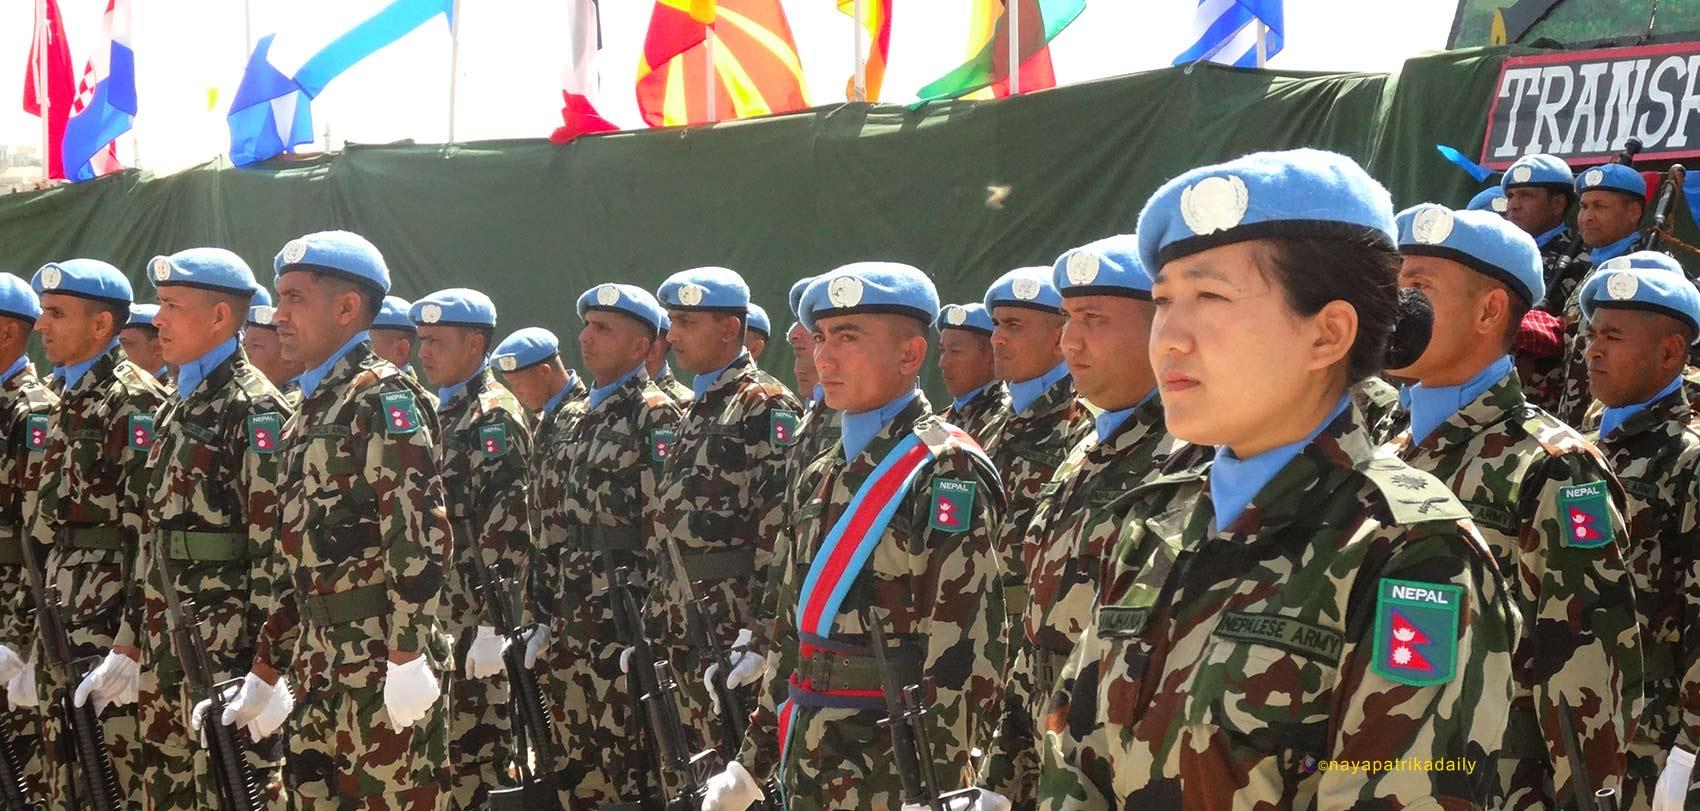 शान्ति सैनिक योगदान गर्ने राष्ट्रहरुको सूचीमा नेपाल तेस्रो स्थानमा